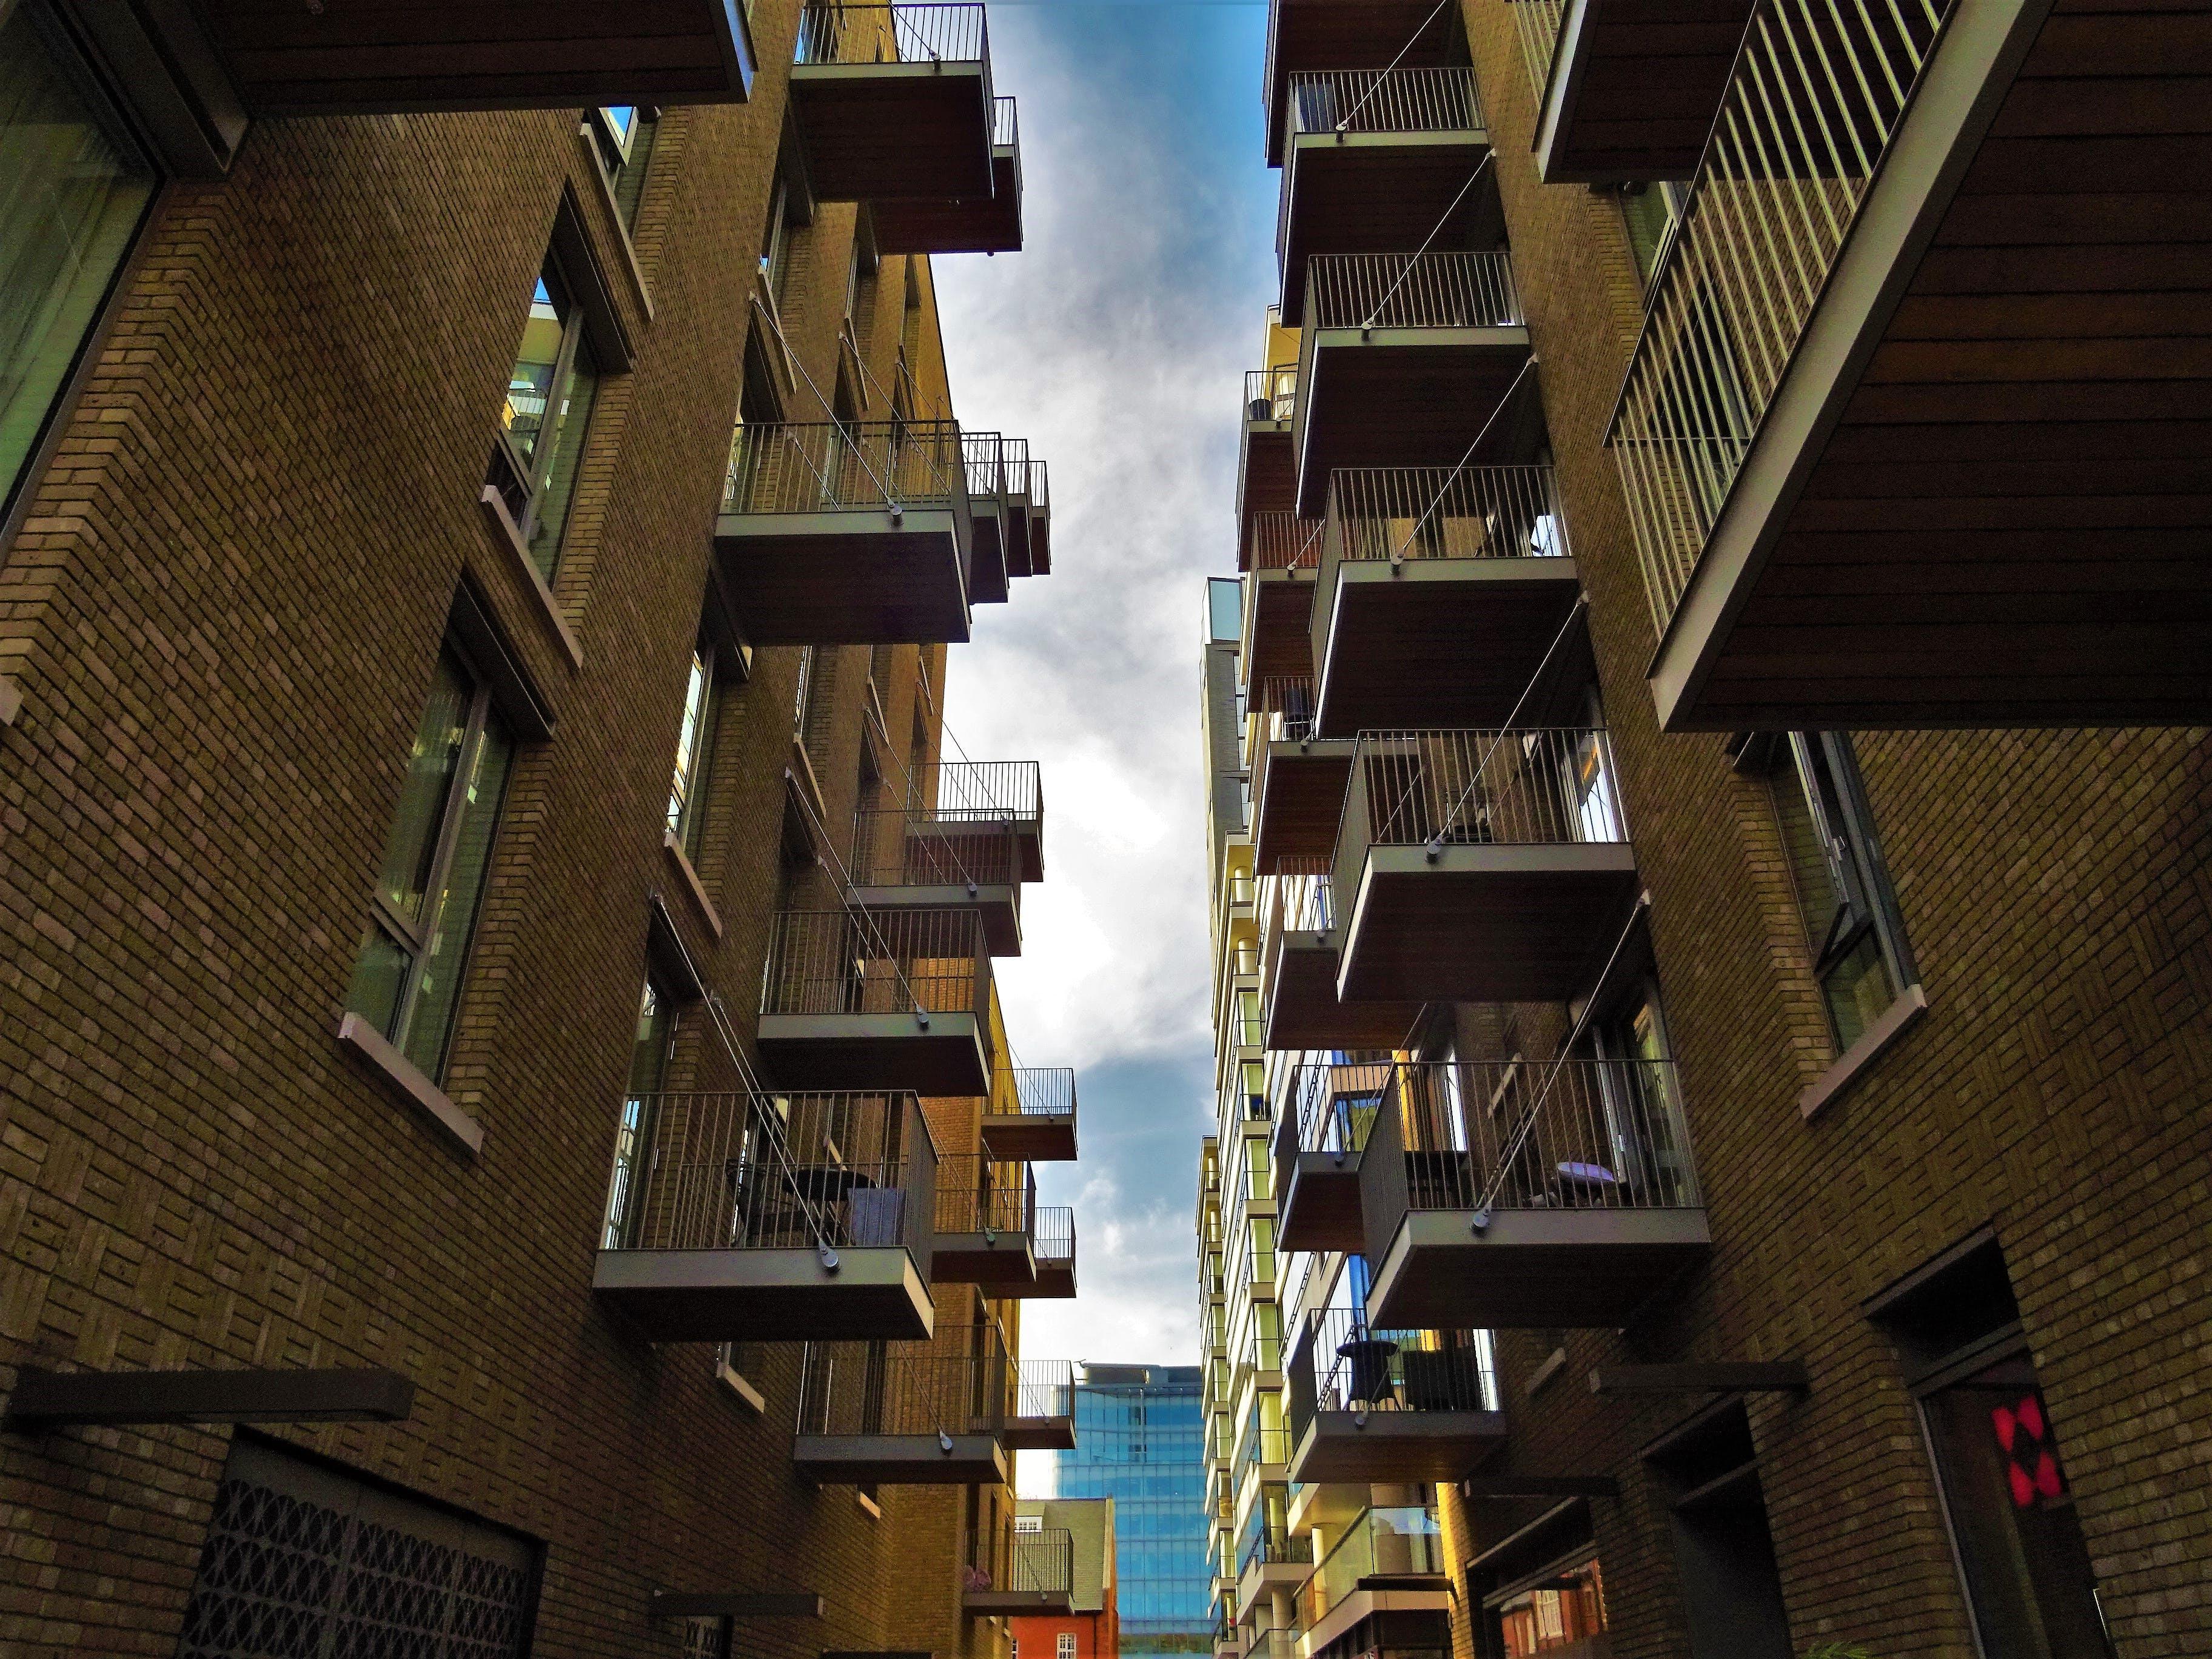 Fotos de stock gratuitas de arquitectura, balcones, edificios, foto de ángulo bajo